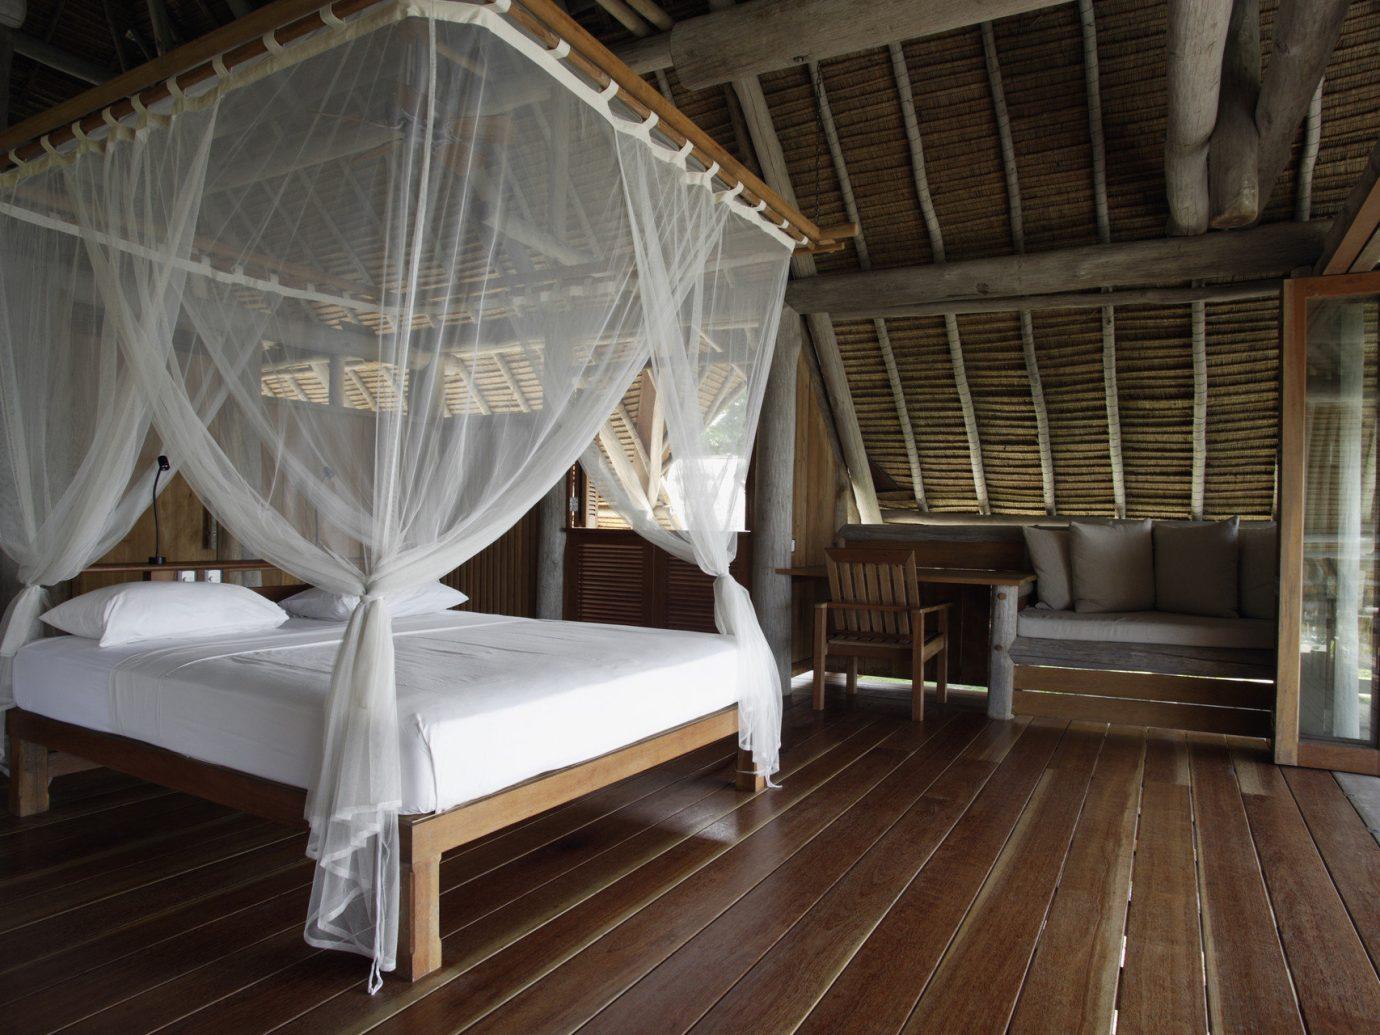 Hotels Luxury Travel floor indoor room interior design bed estate